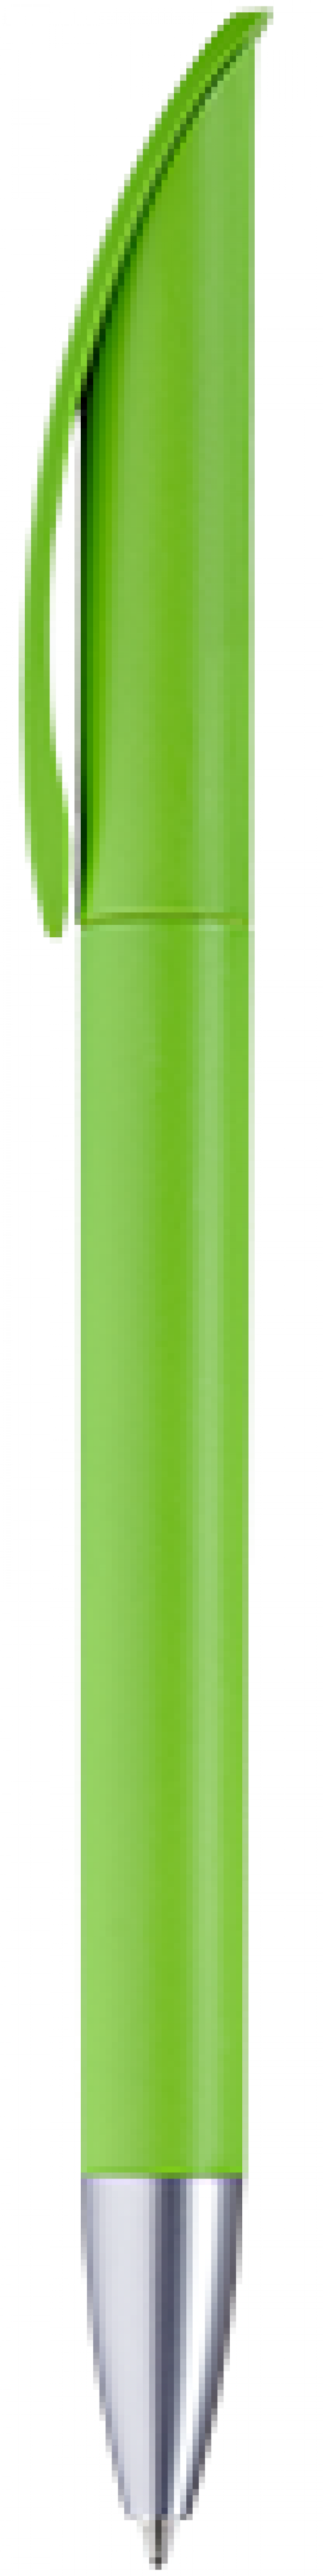 Шариковая ручка g 0-0046 NEON KLICK